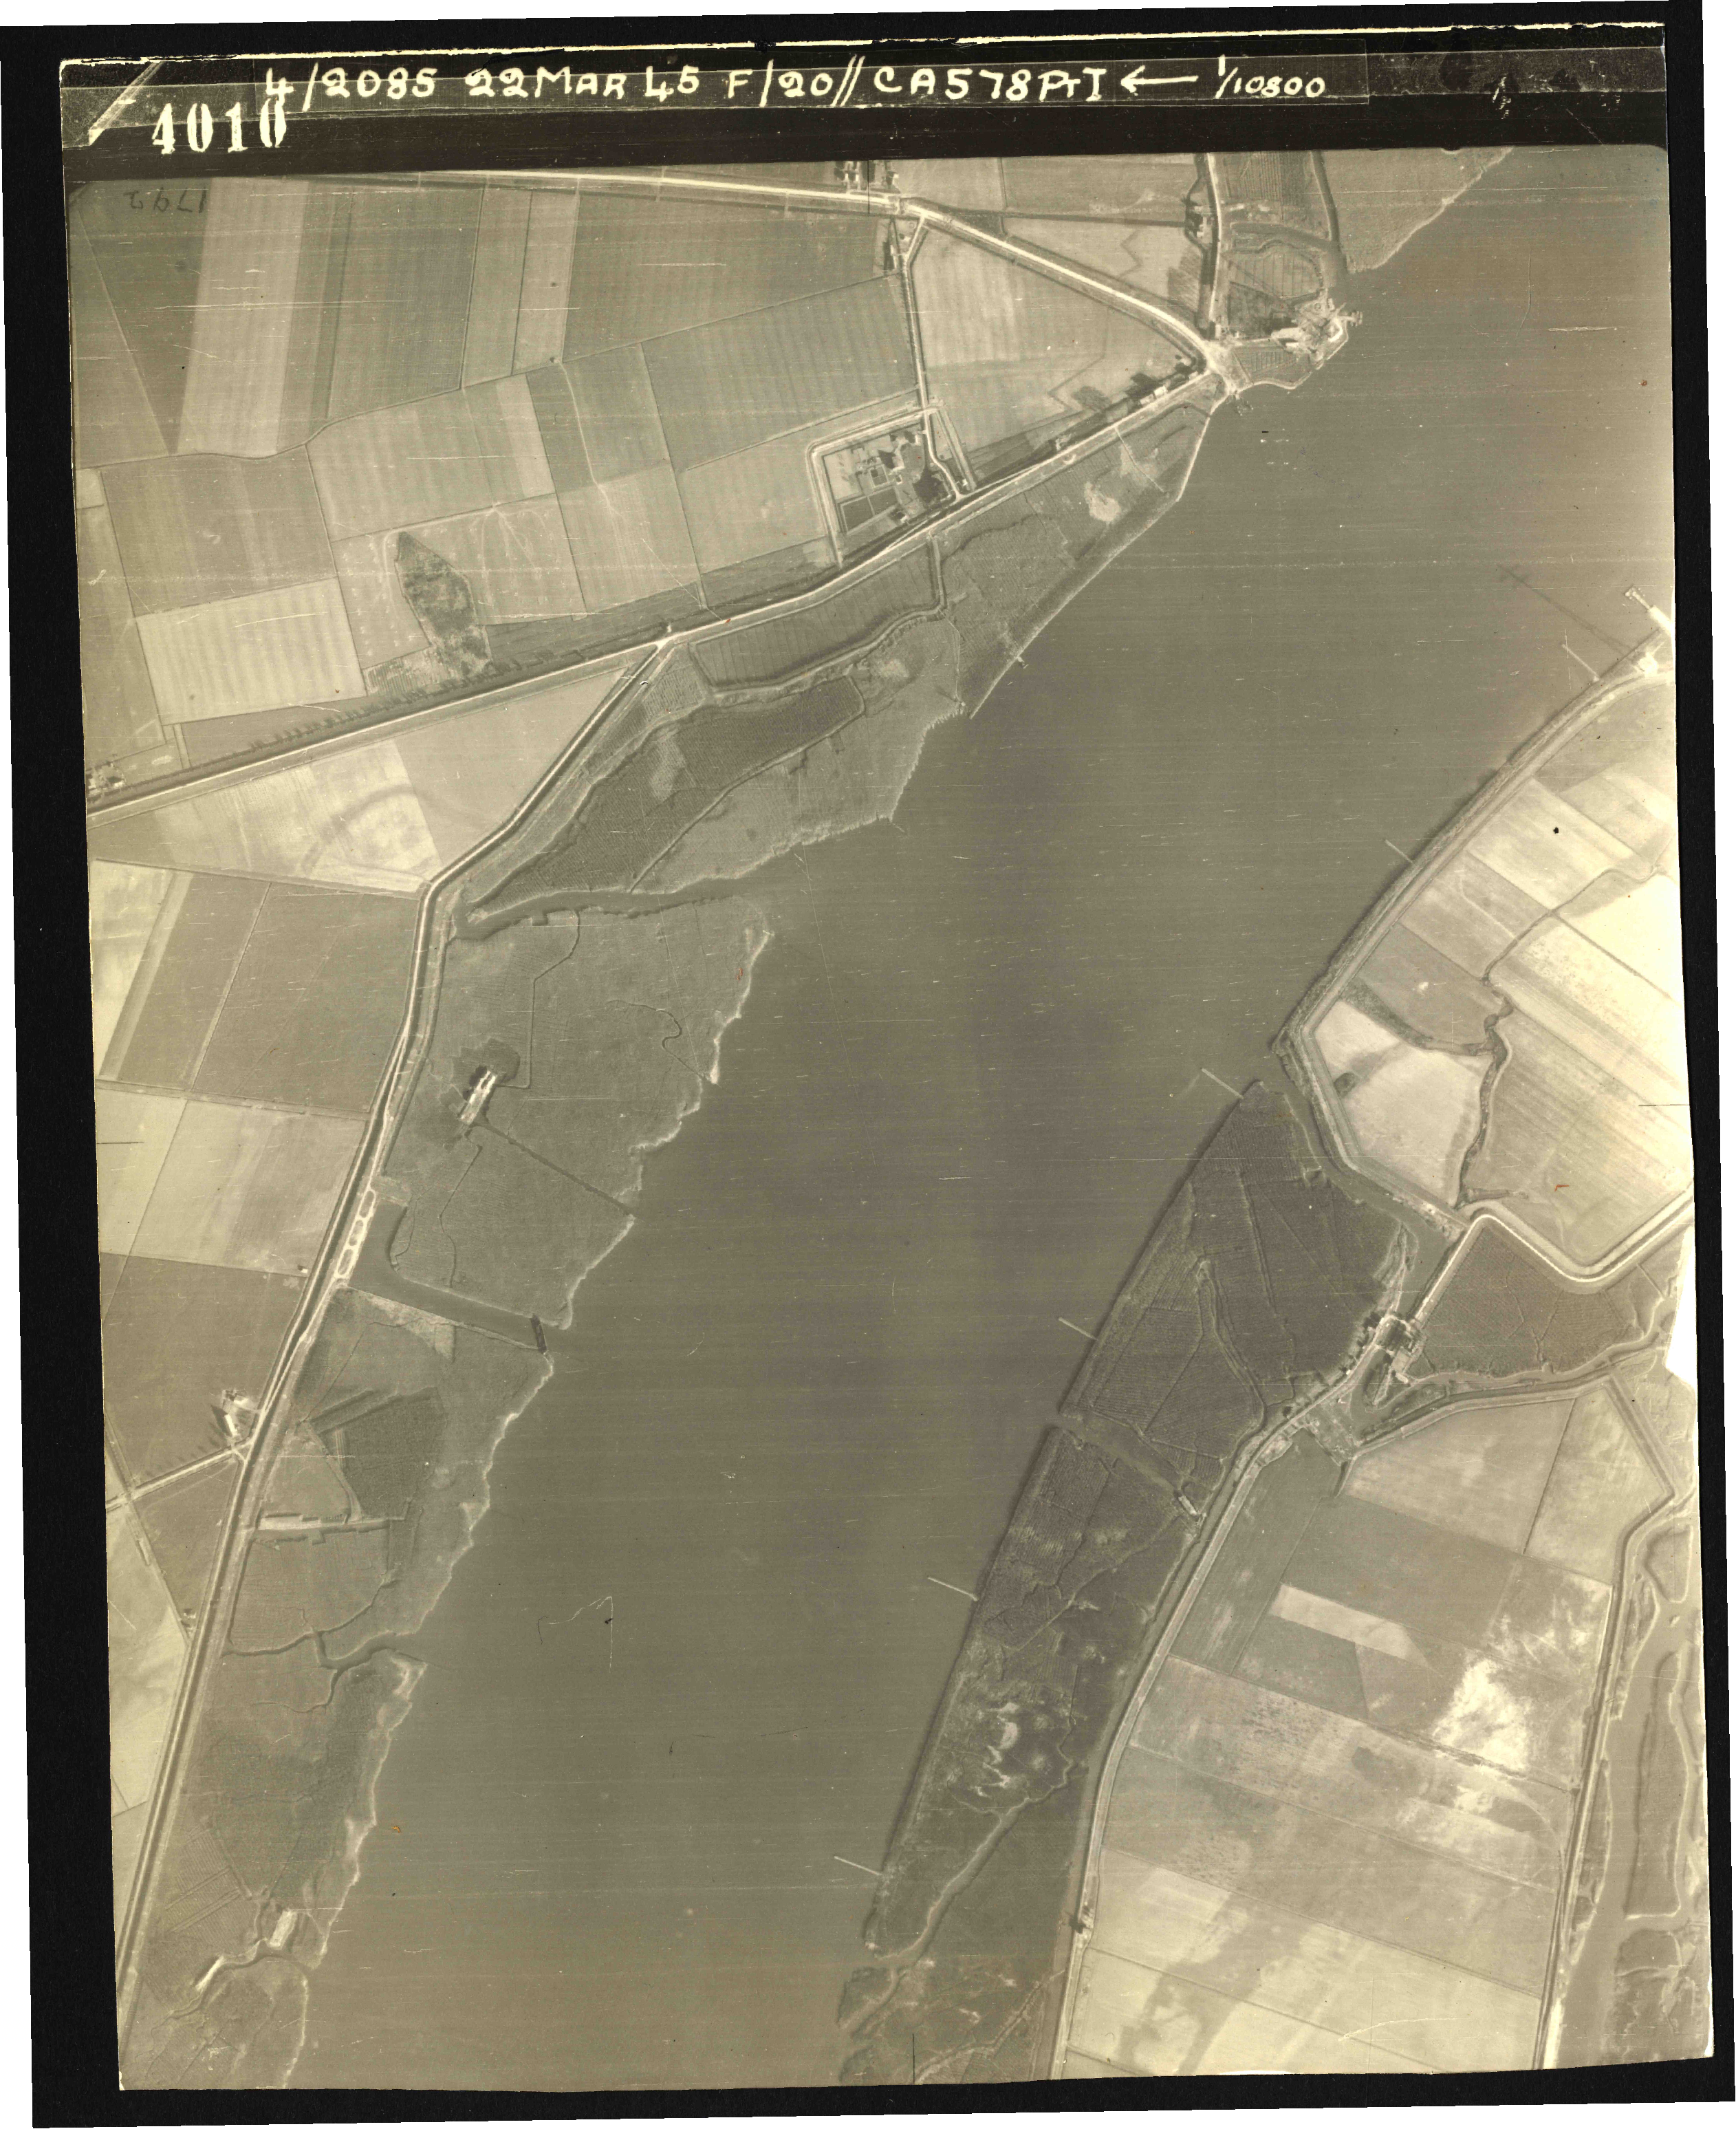 Collection RAF aerial photos 1940-1945 - flight 021, run 02, photo 4010